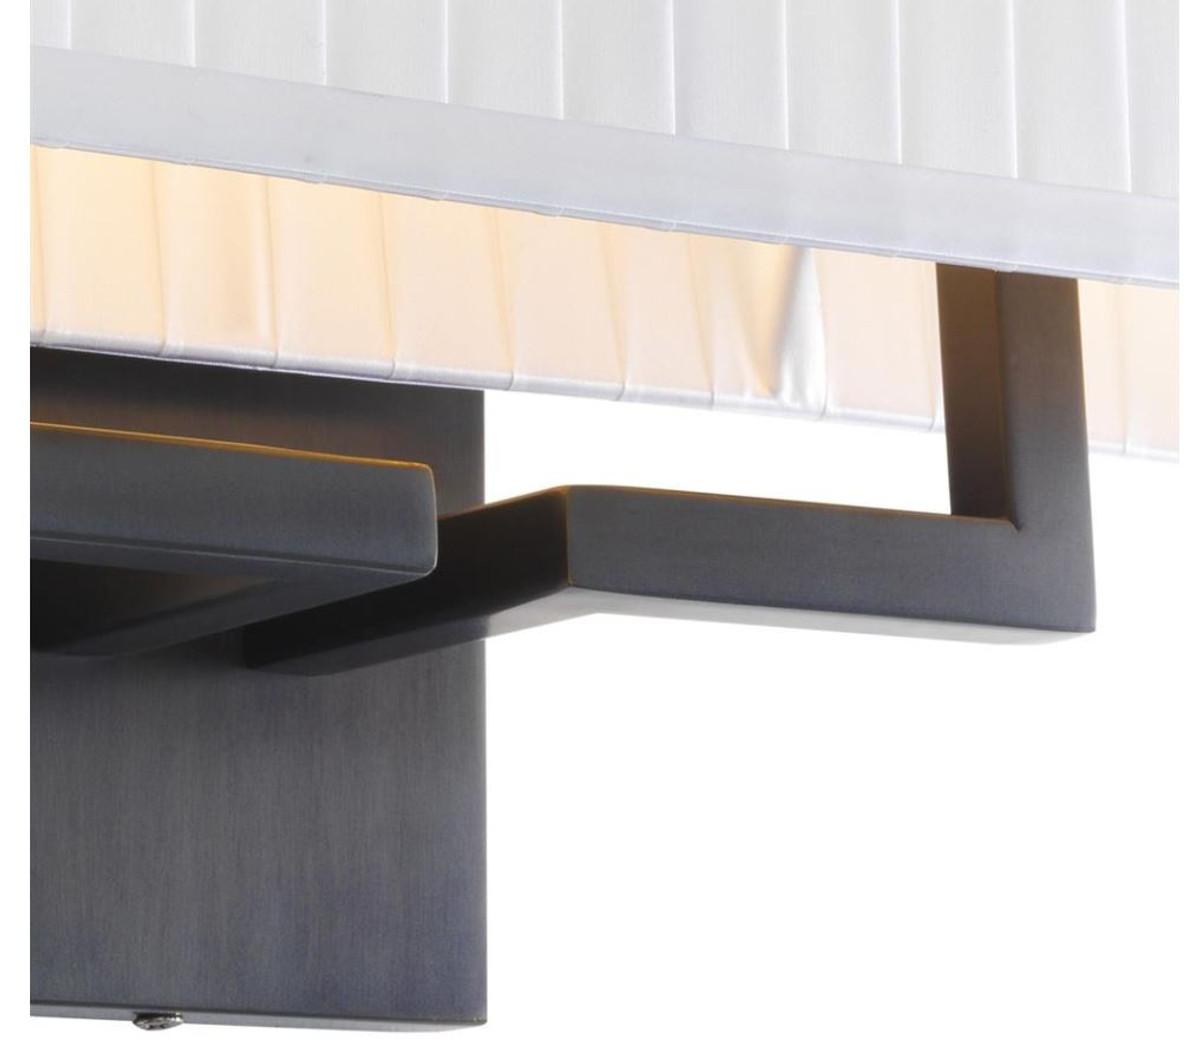 Wunderbar Designer Wandleuchten Das Beste Von Casa Padrino Wandleuchte Bronze 36 X 13,5